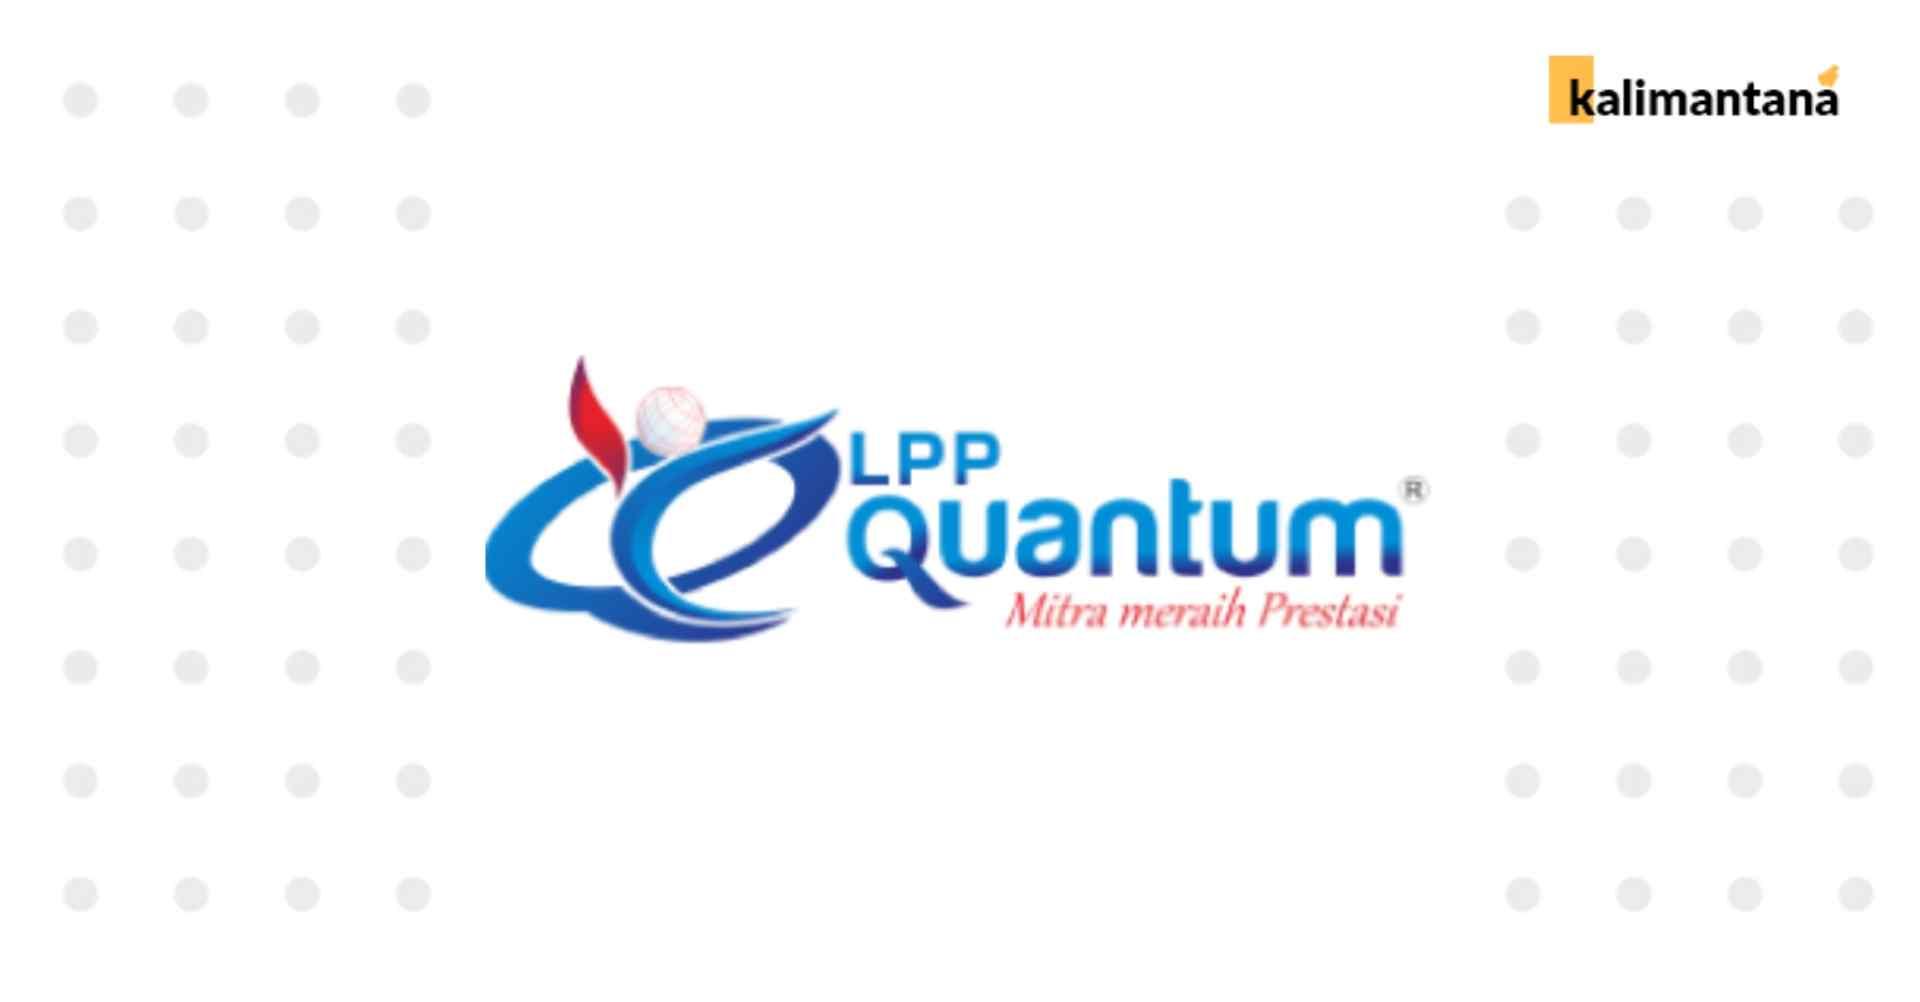 Lowongan Dosen LPP Quantum - Sampit